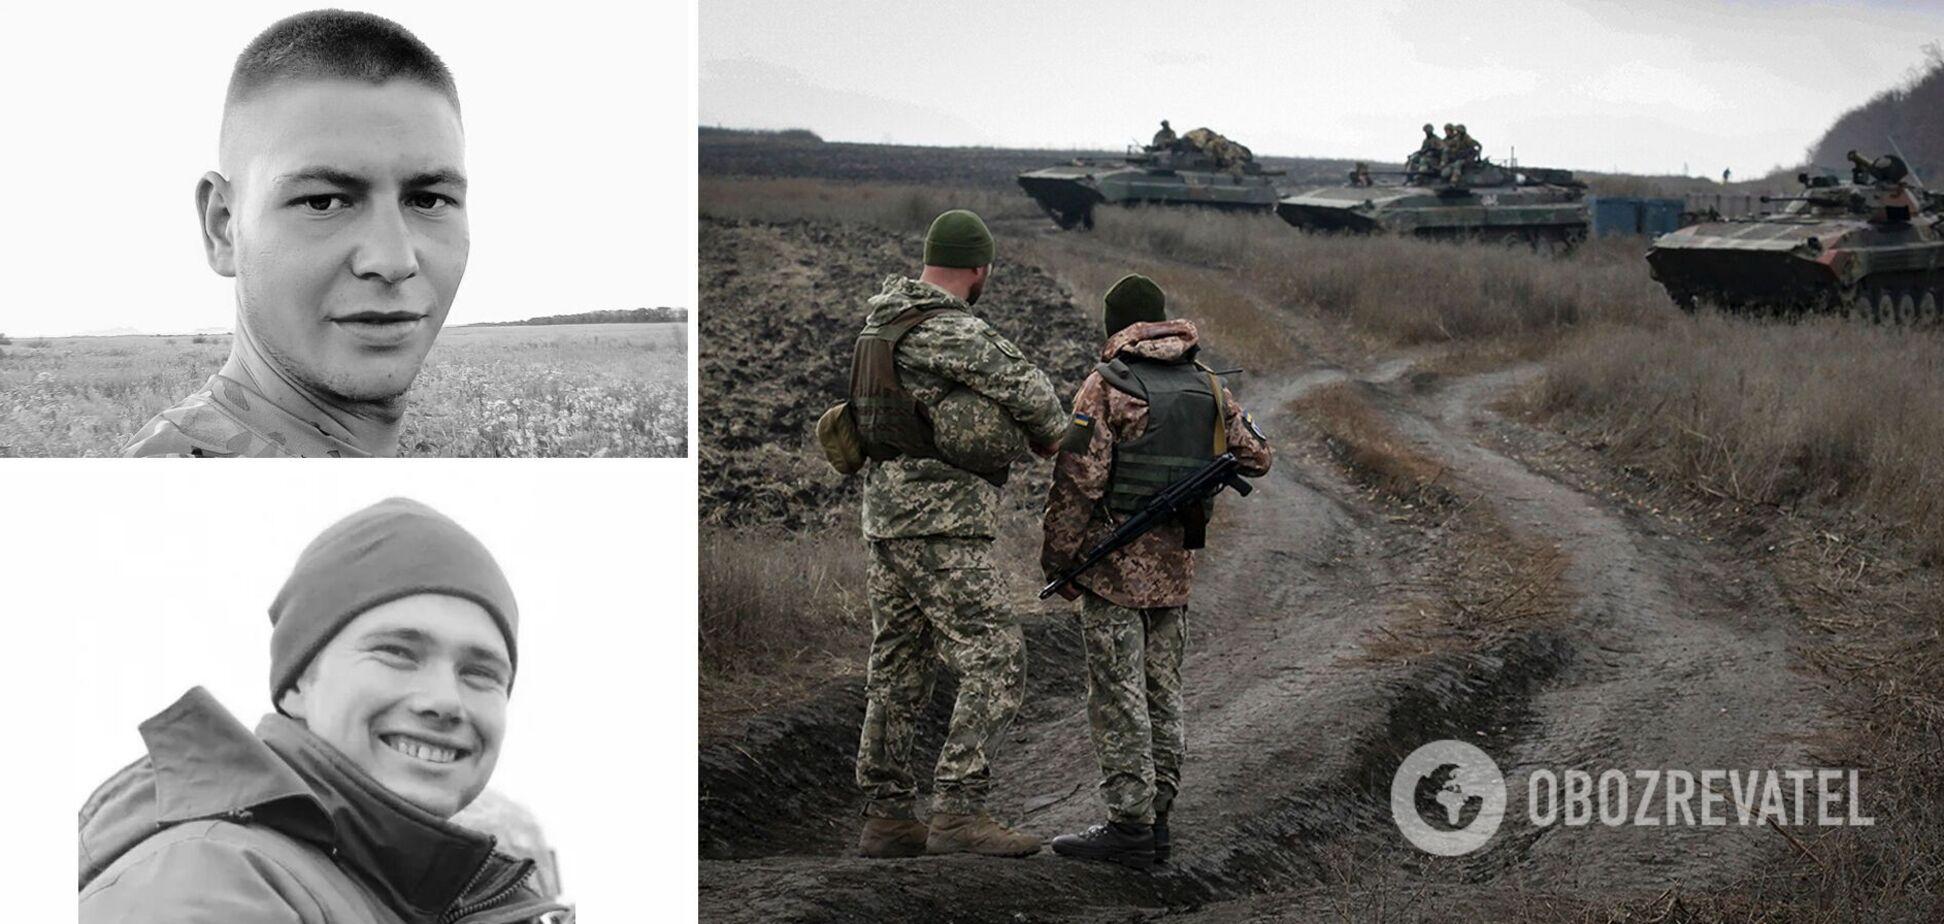 Пішли служити дуже рано, але не повернулися: що відомо про загиблих під Новомихайлівкою українських військових